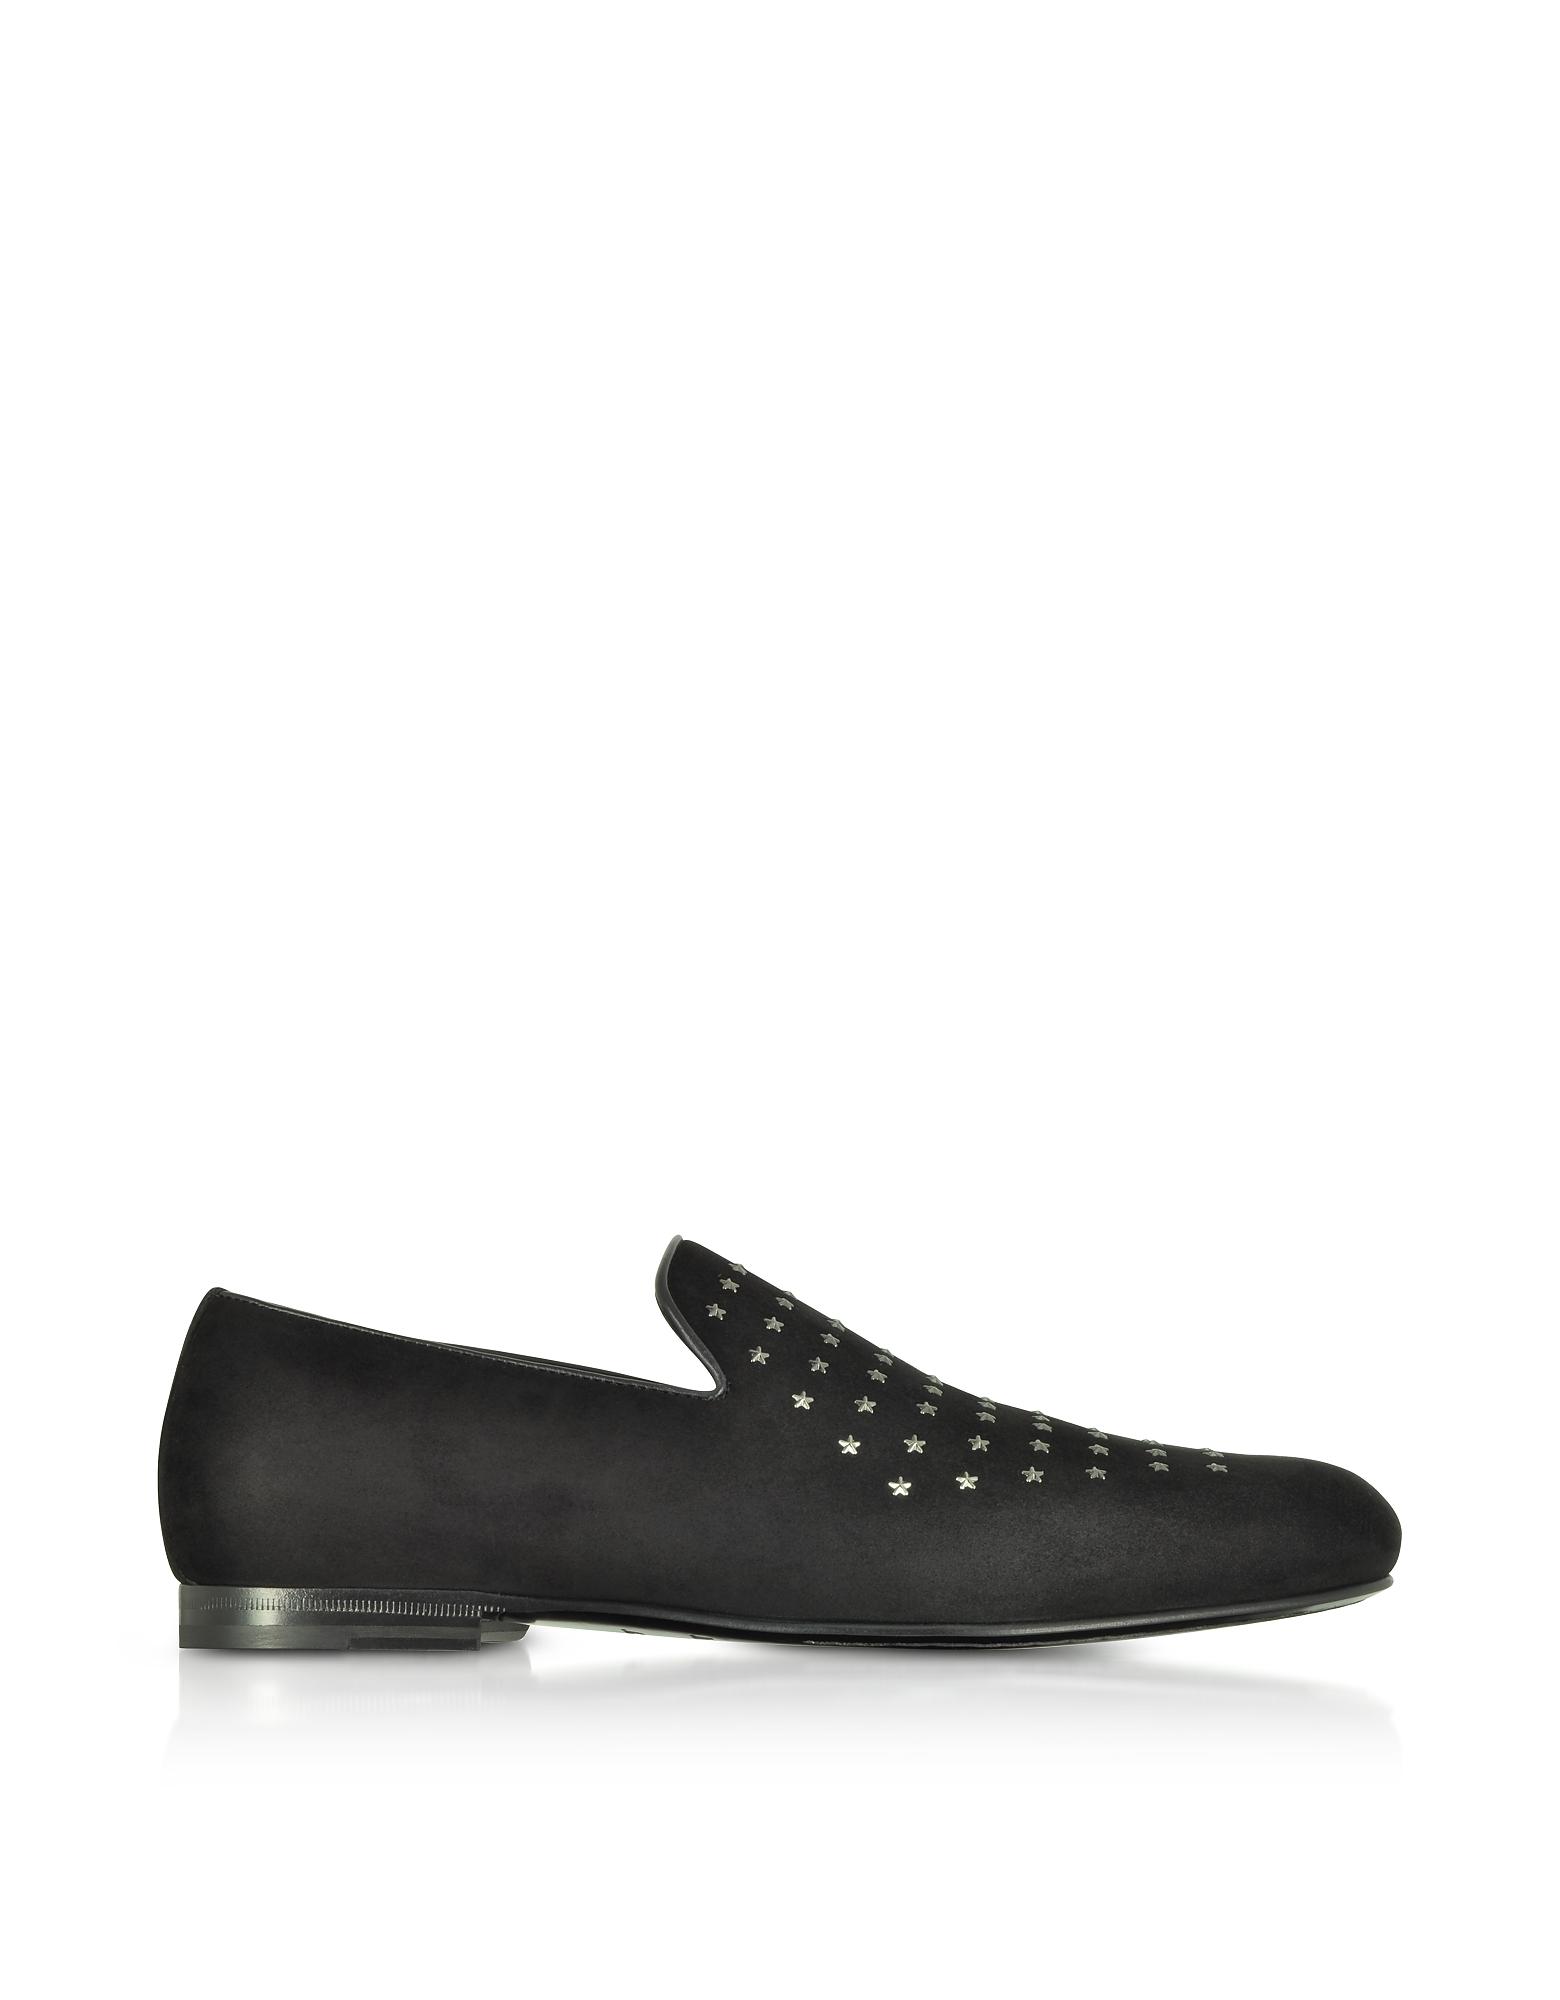 Jimmy Choo Shoes, Sloane UMP Black Suede Loafers w/Gunmetal Mini Stars